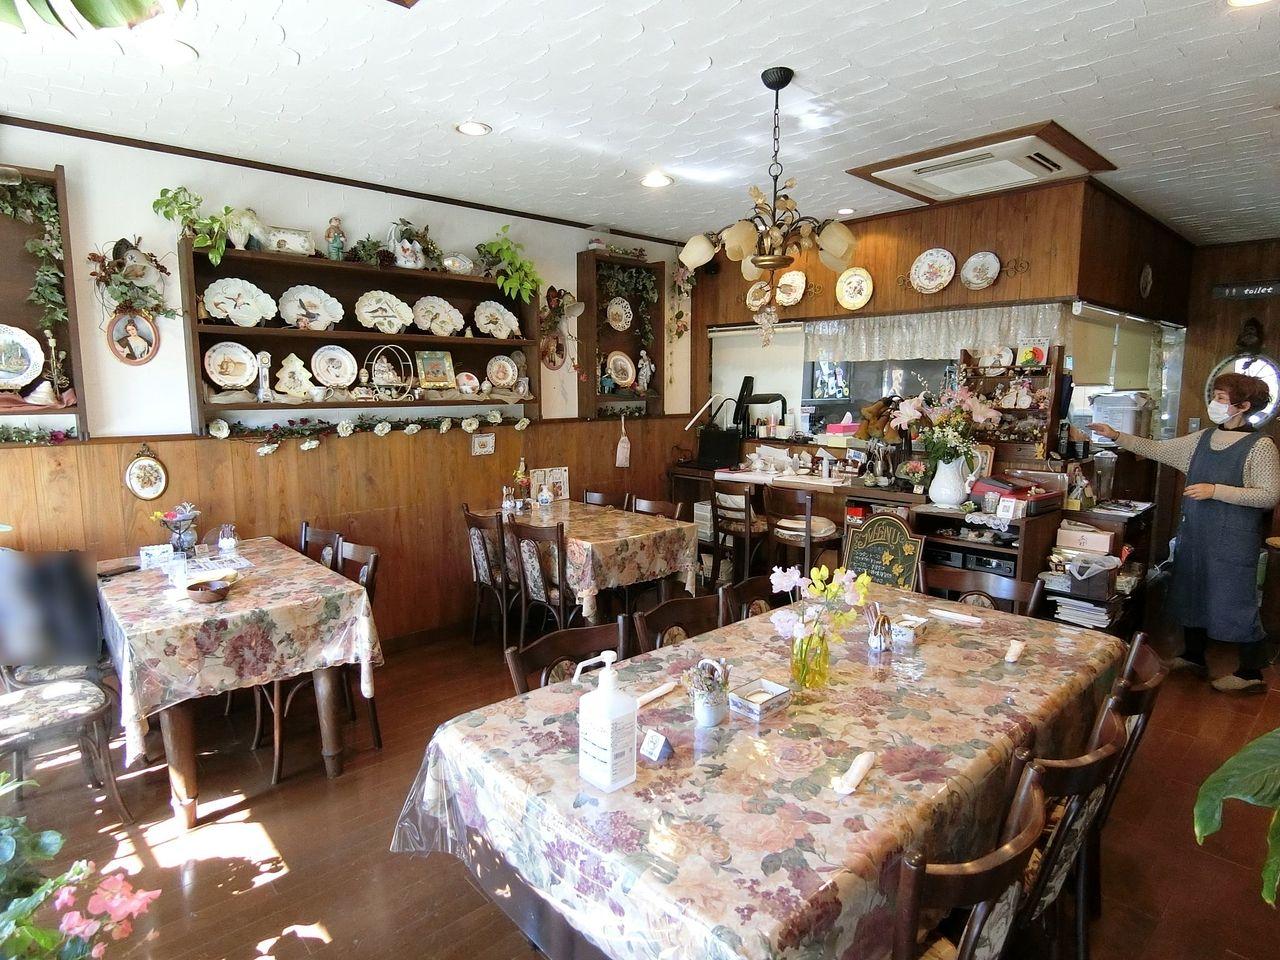 板橋区大山西町の喫茶店「ティーハウス ベリーベリー」